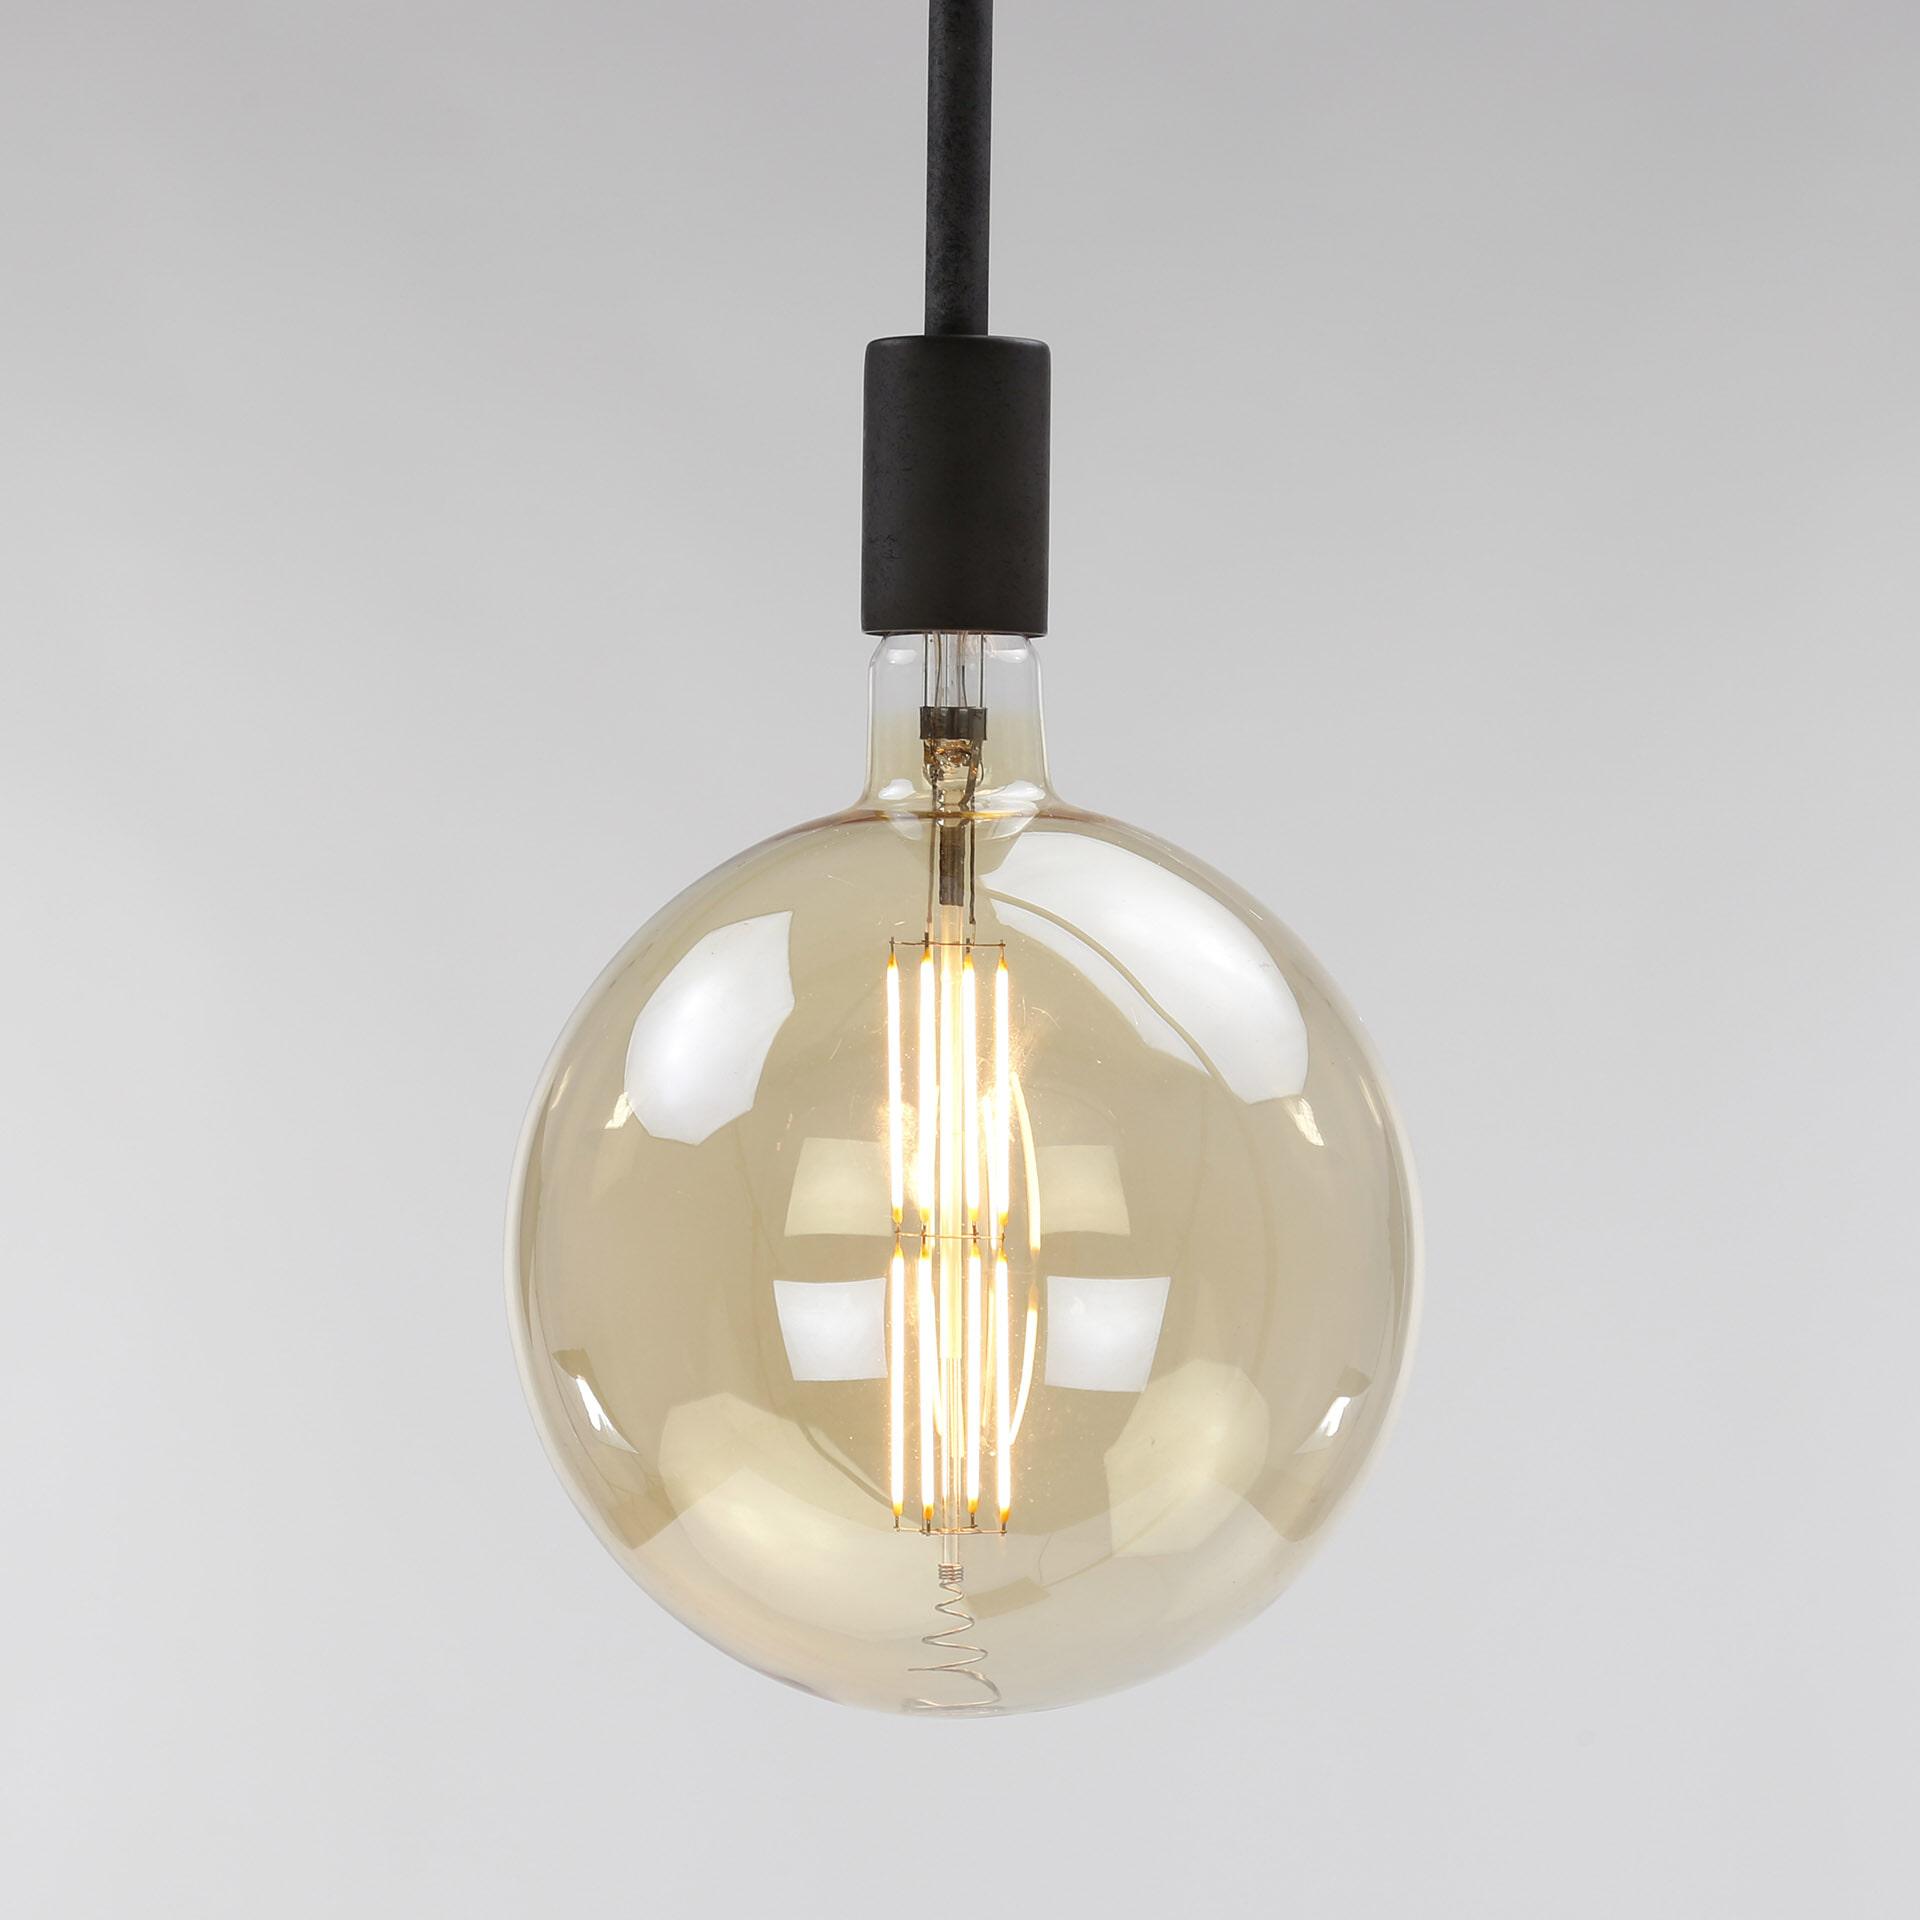 Kooldraadlamp 'Bol XXL' Ø20cm, LED E27 - 8W, Goldline, dimbaar